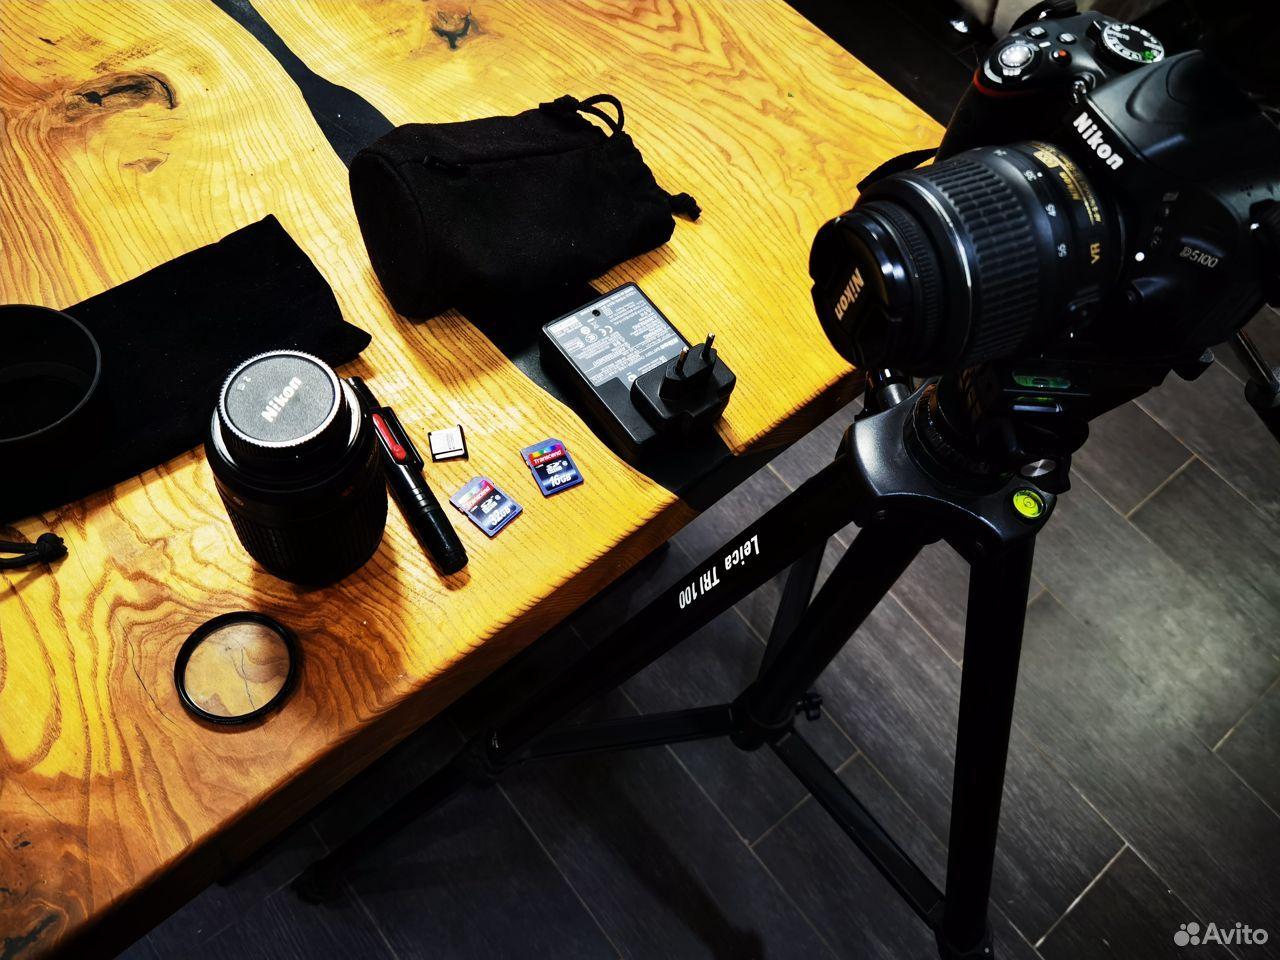 Зеркальный фотоаппарат Nikon D5100 Dauble VR Обмен  89185656006 купить 7